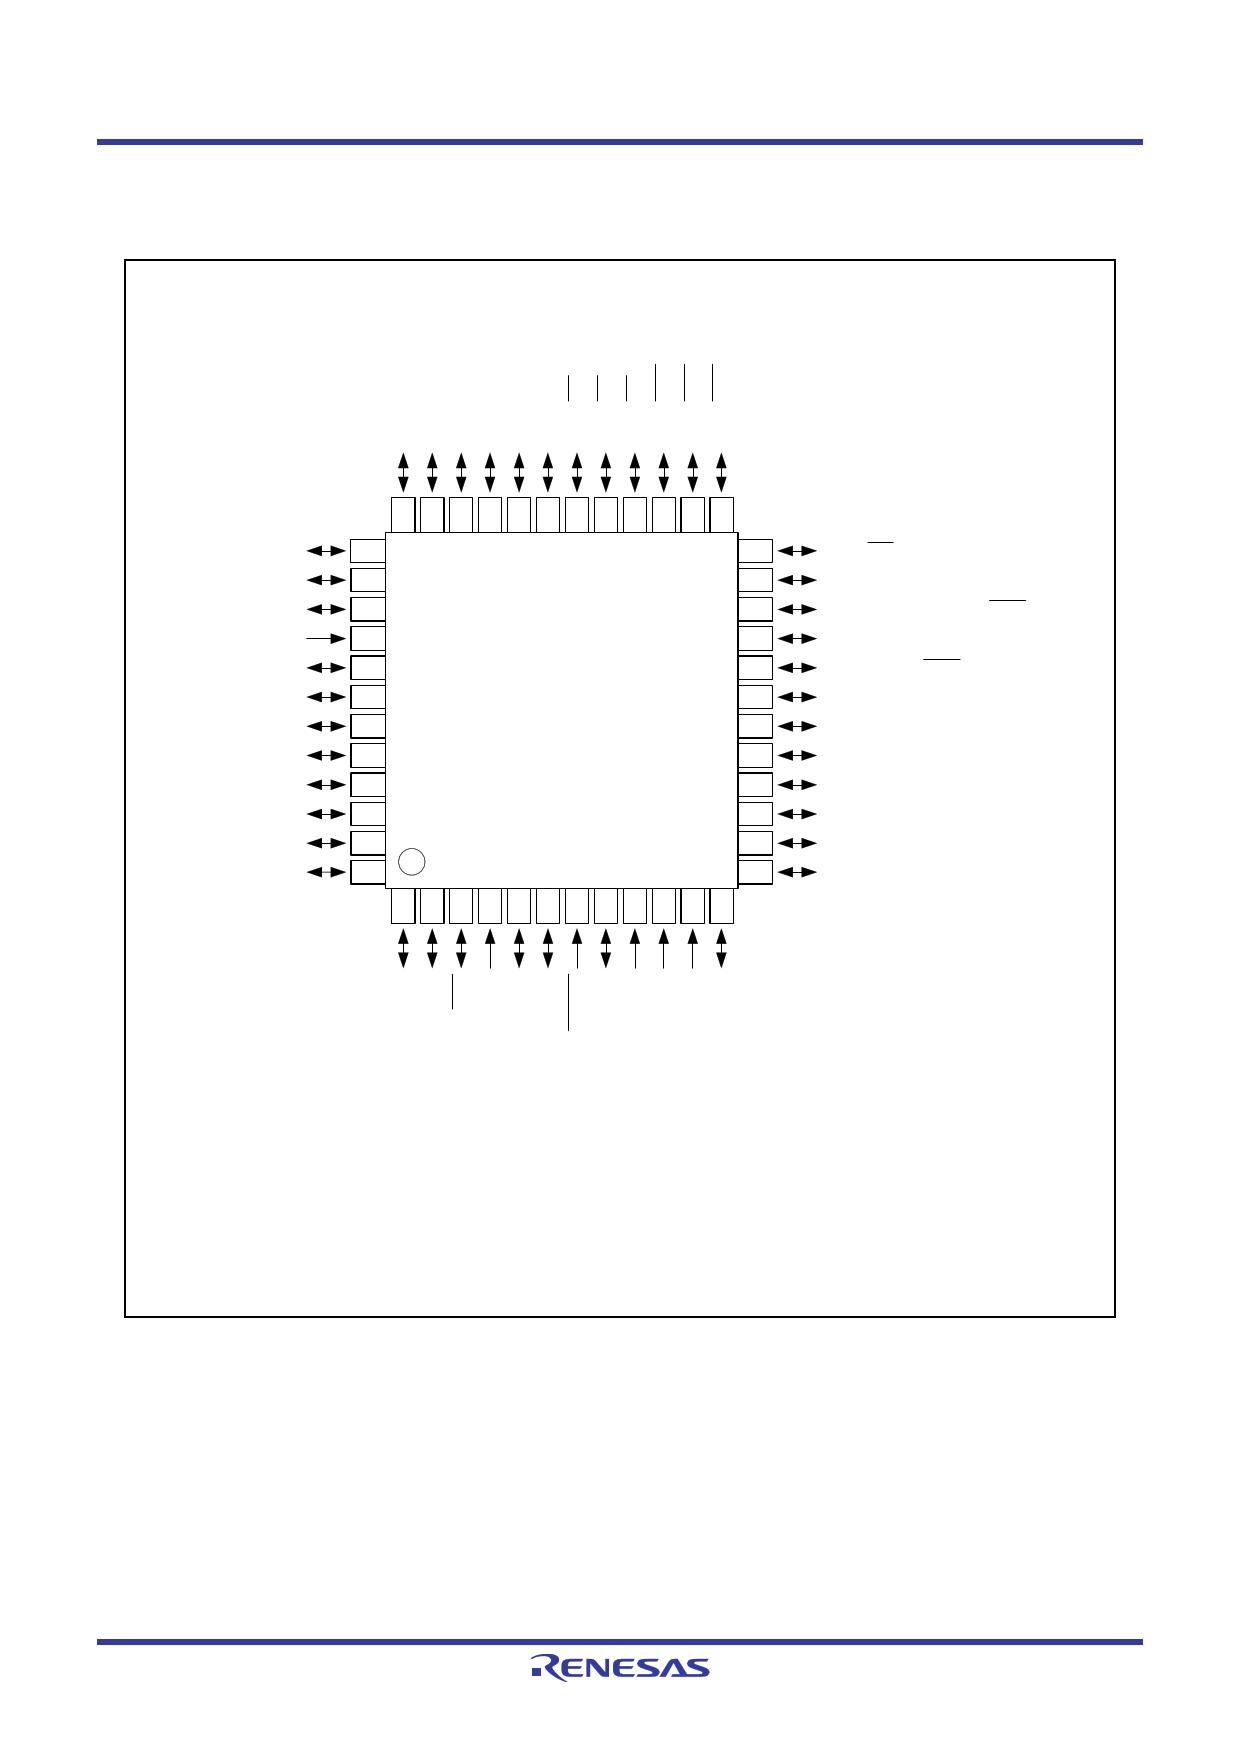 R5F21236JFP 전자부품, 판매, 대치품